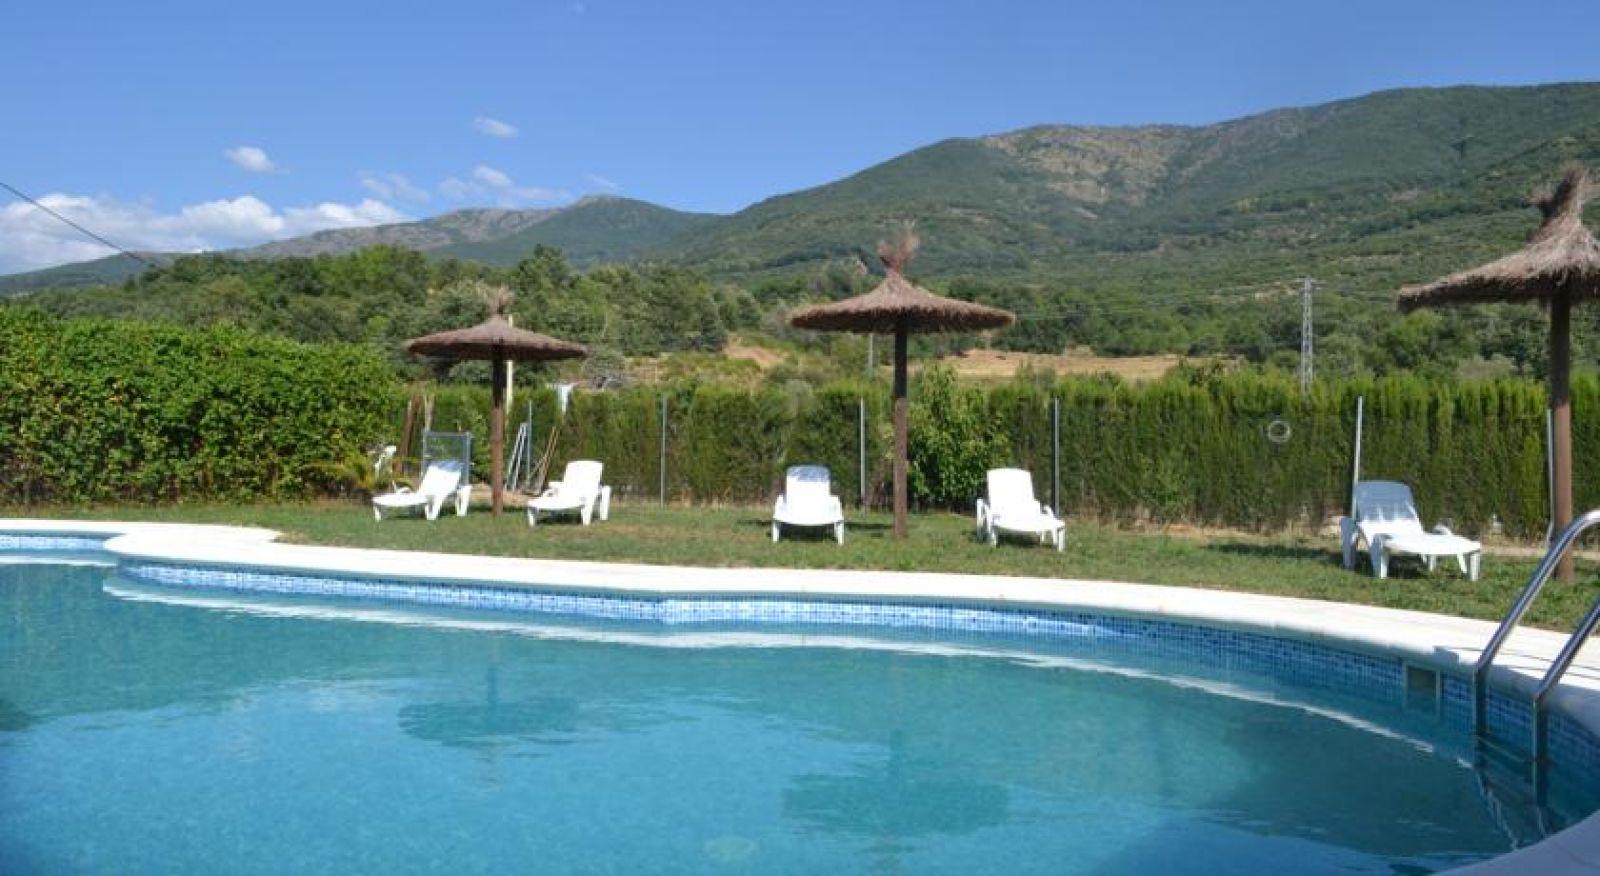 Casas aptos rurales senderos de jerte alojamientos en el - Casas rurales en el jerte con piscina ...